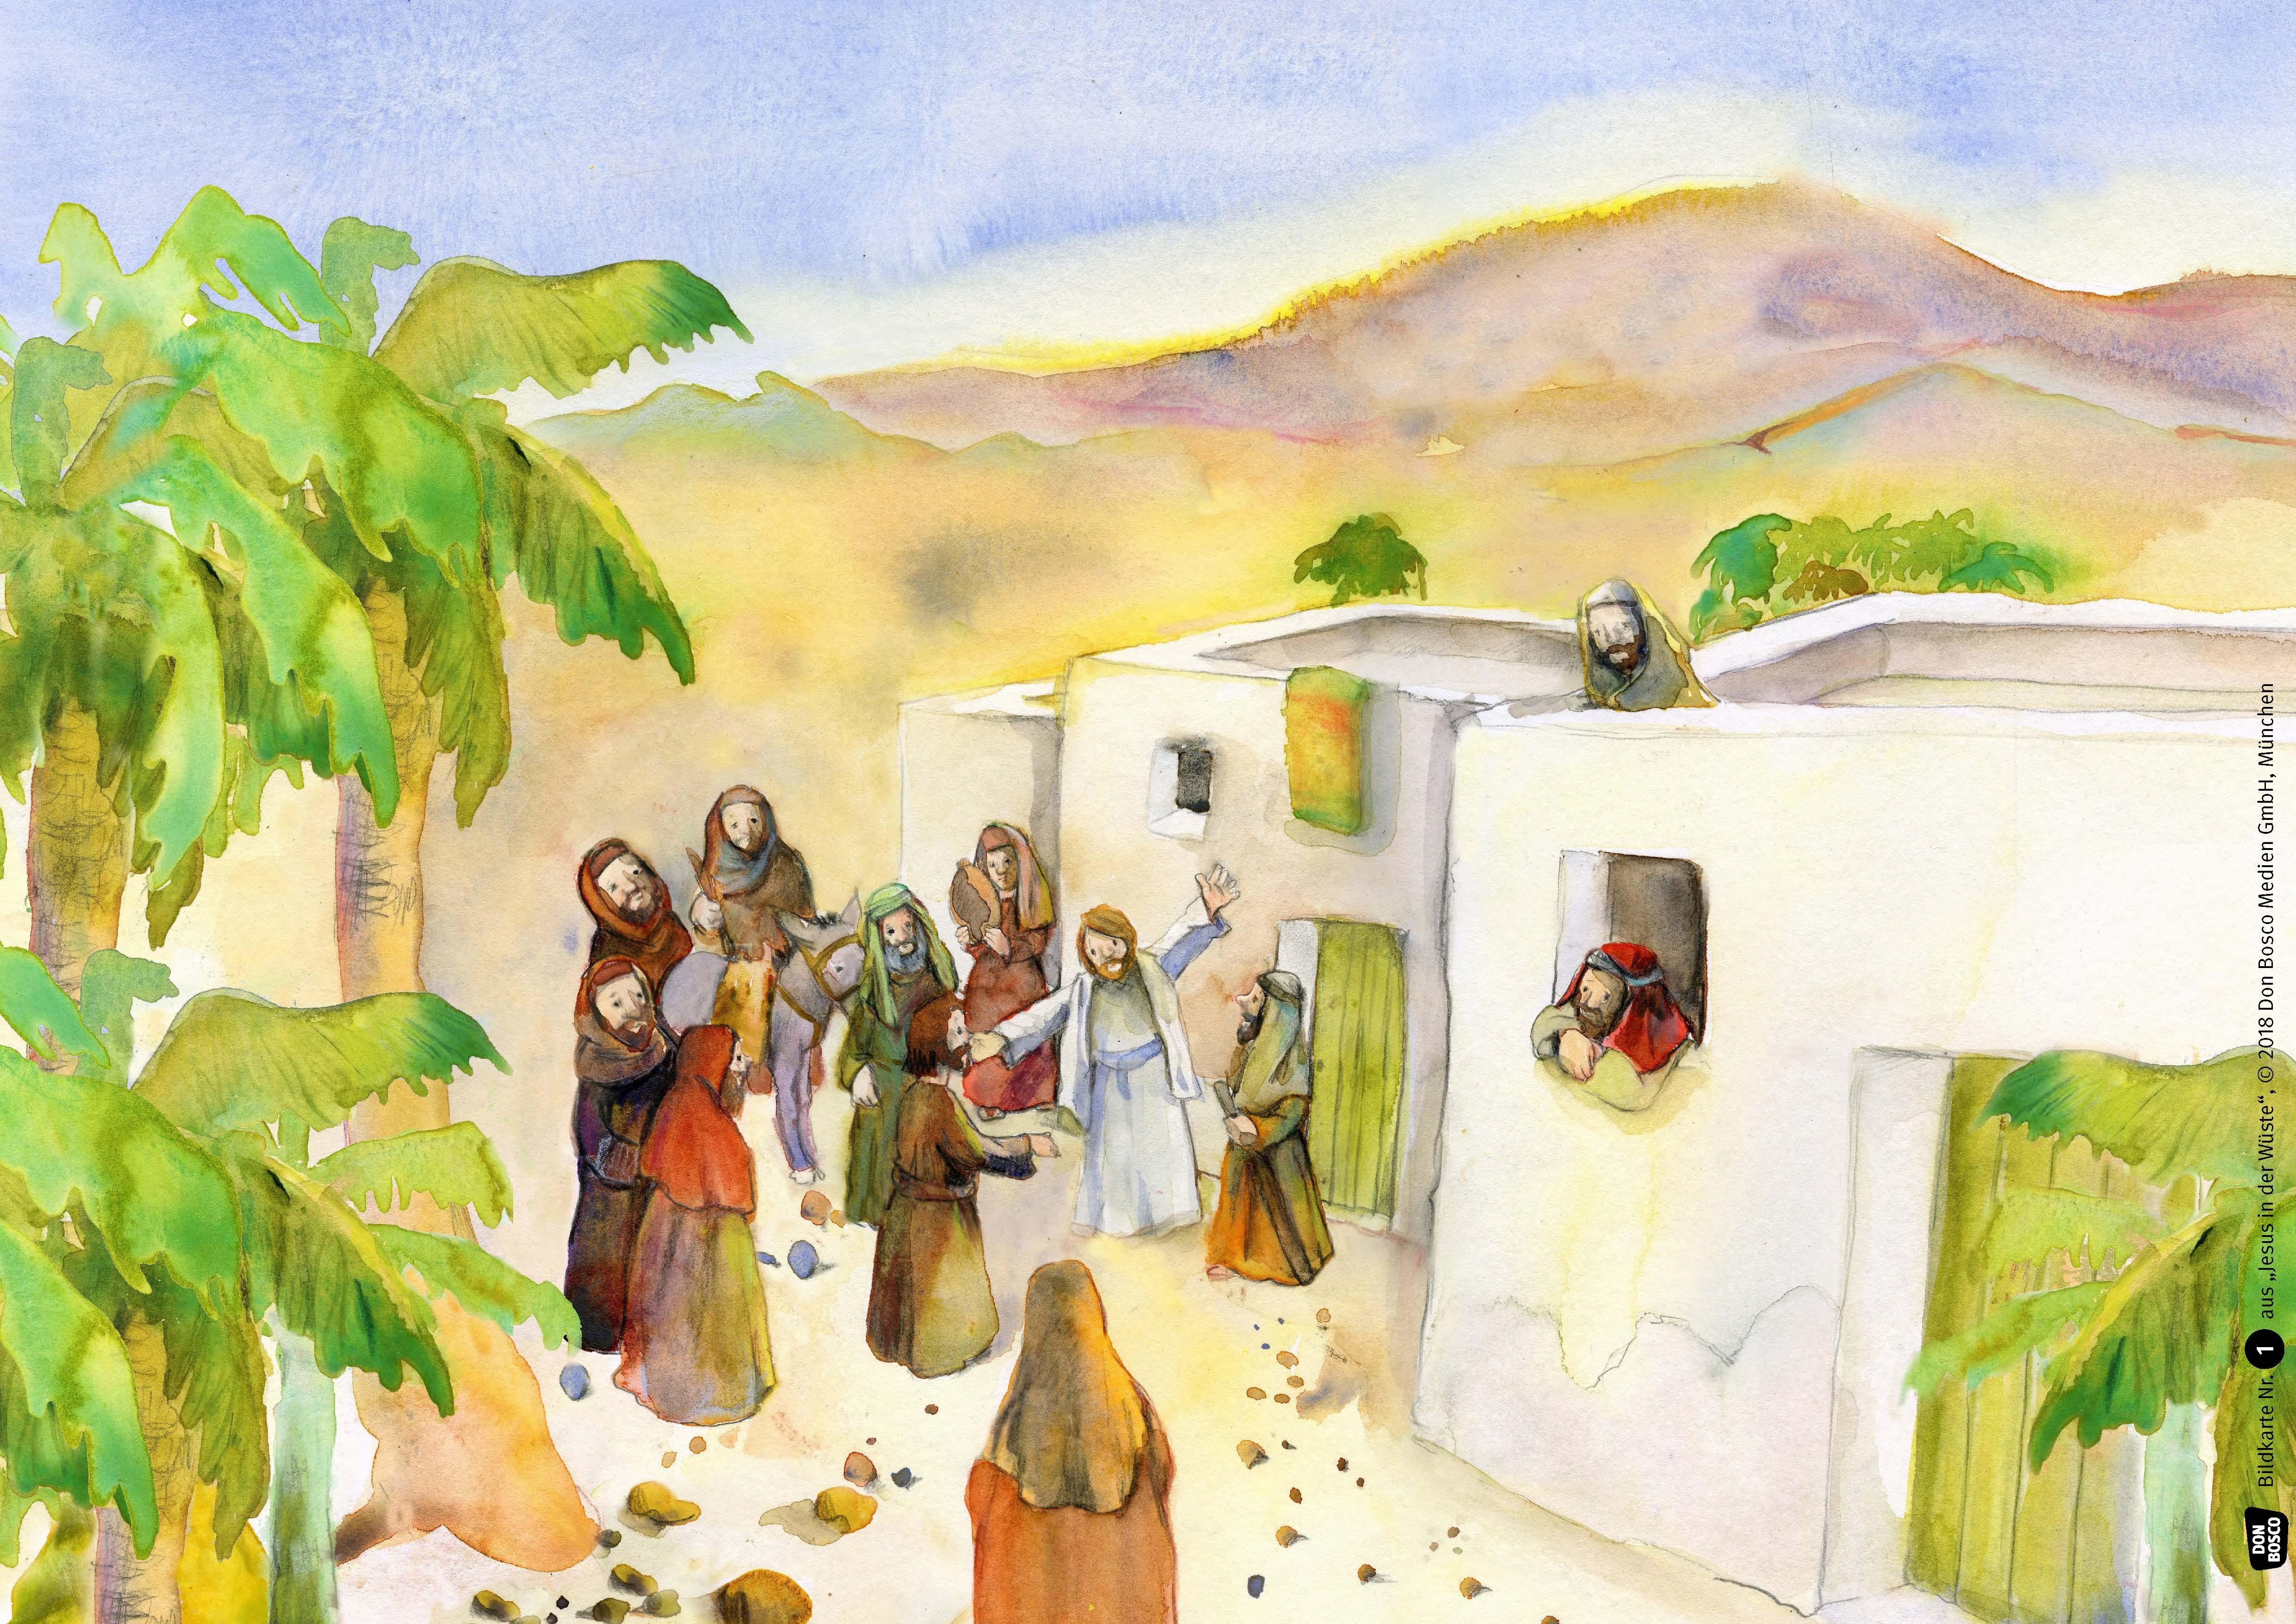 Innenansicht zu Jesus in der Wüste. eKami.